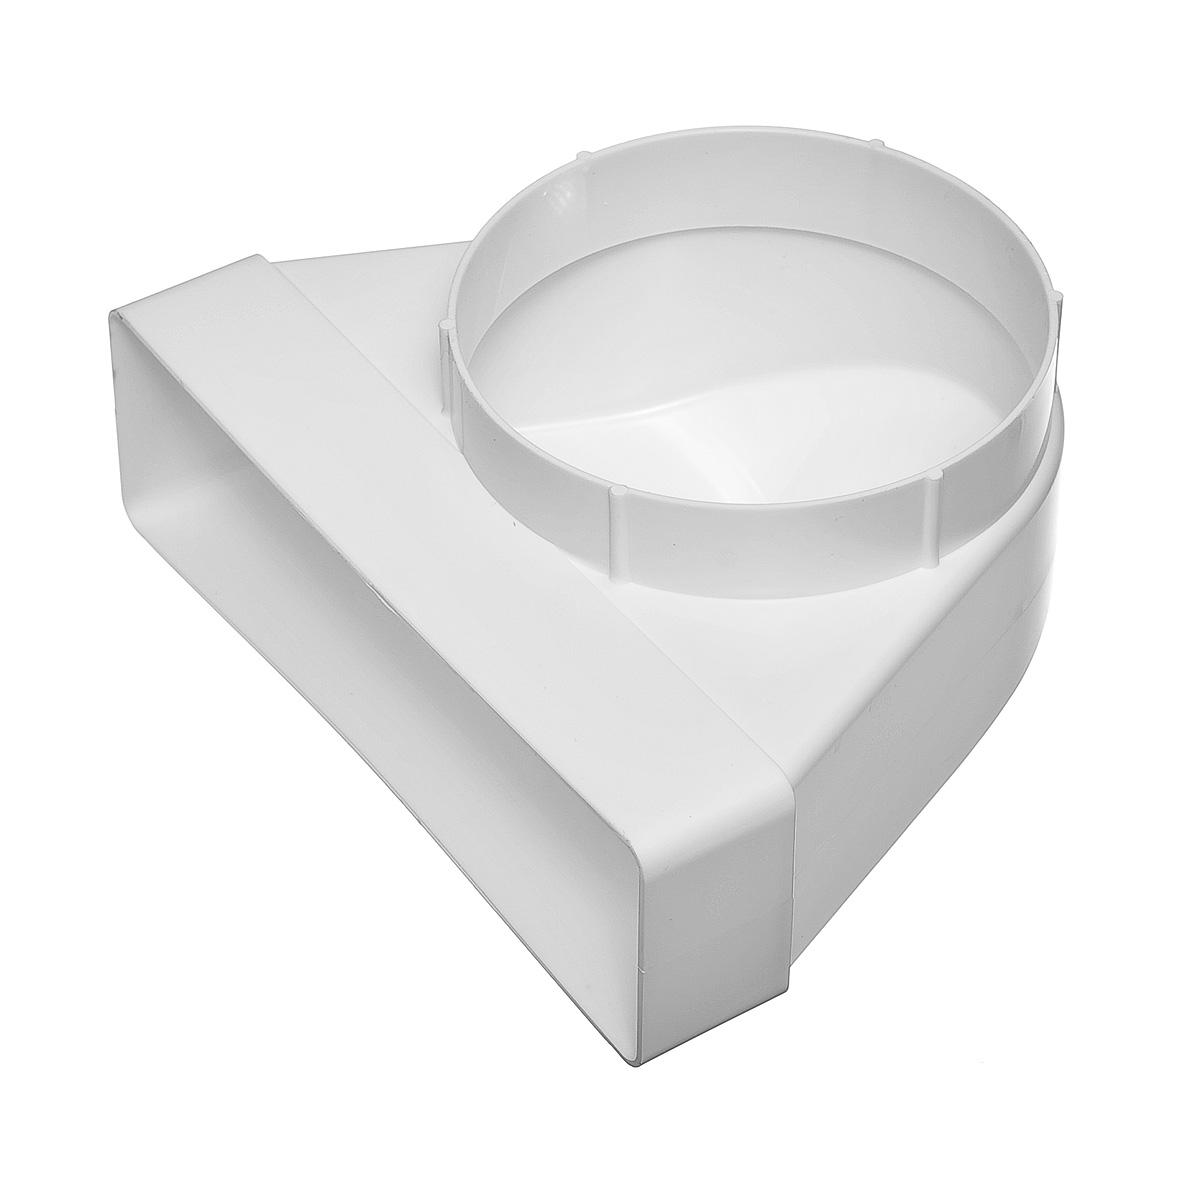 Купить Переход угловой 90º пластиковый для вентиляционных коробов 60х204 мм с круглыми D125 мм — Фото №1